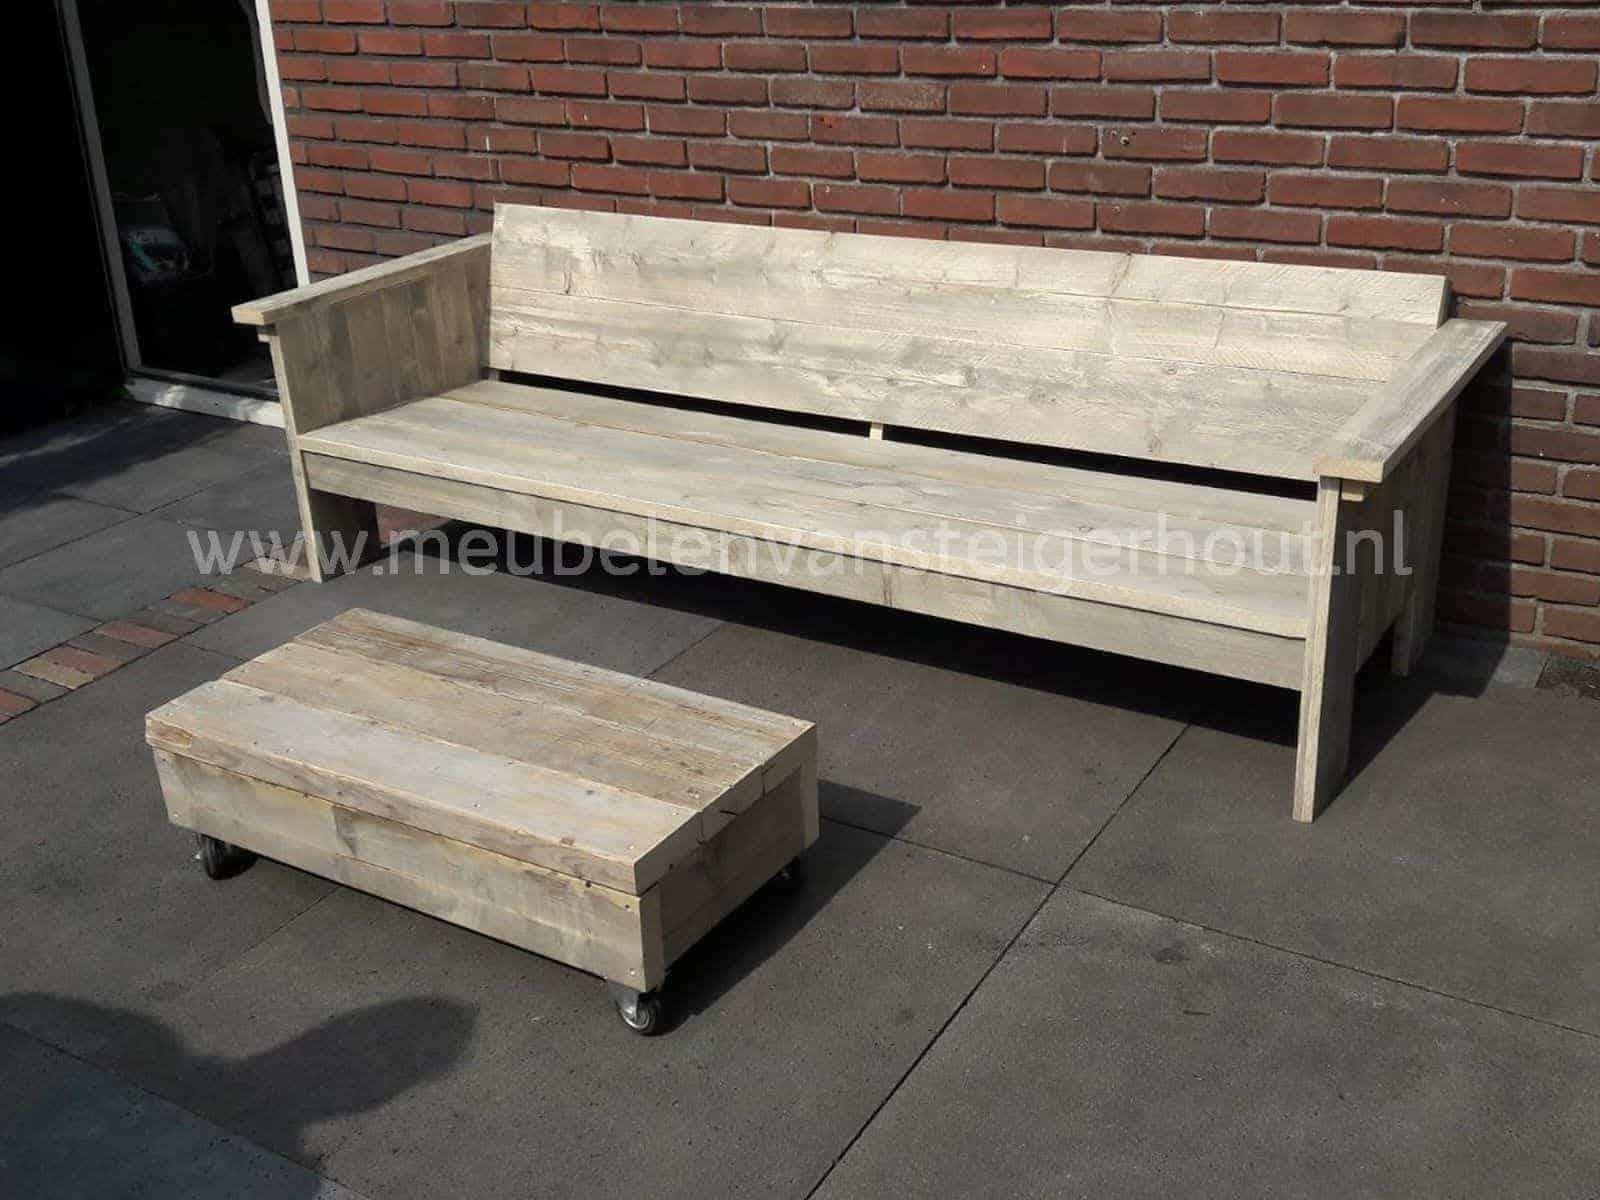 Loungebank londen meubelen van steigerhout for Loungebank steigerhout